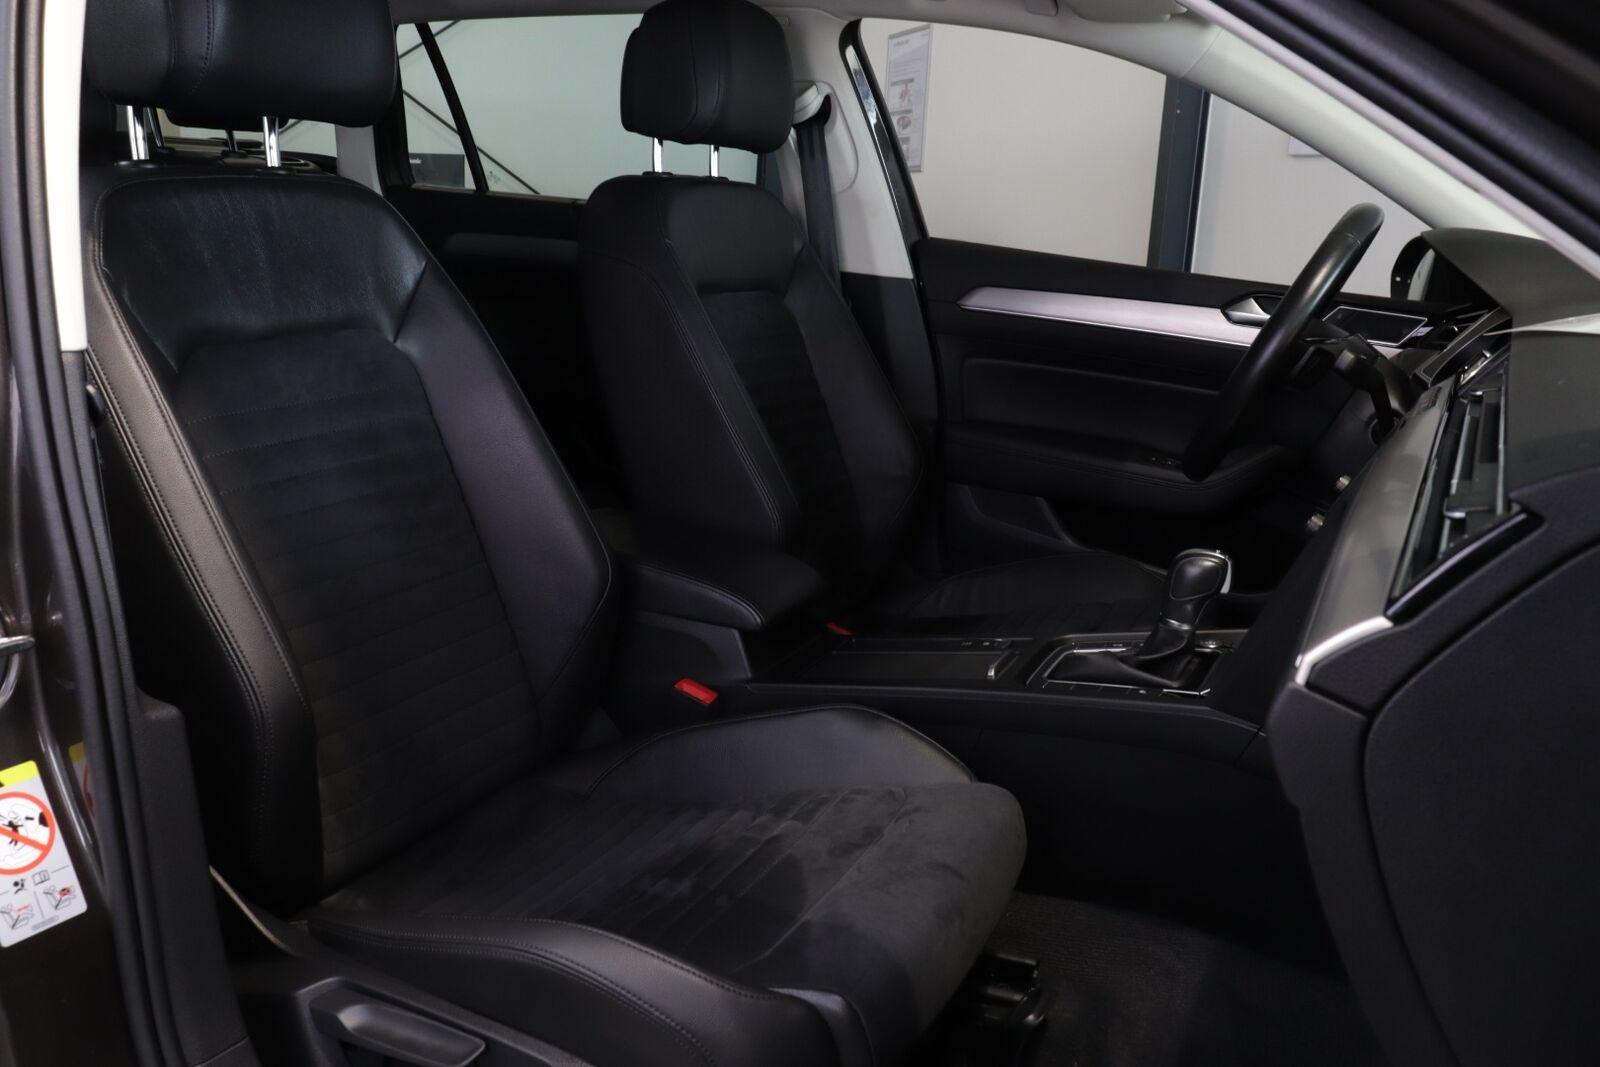 VW Passat TDi 190 High+ Vari. DSG